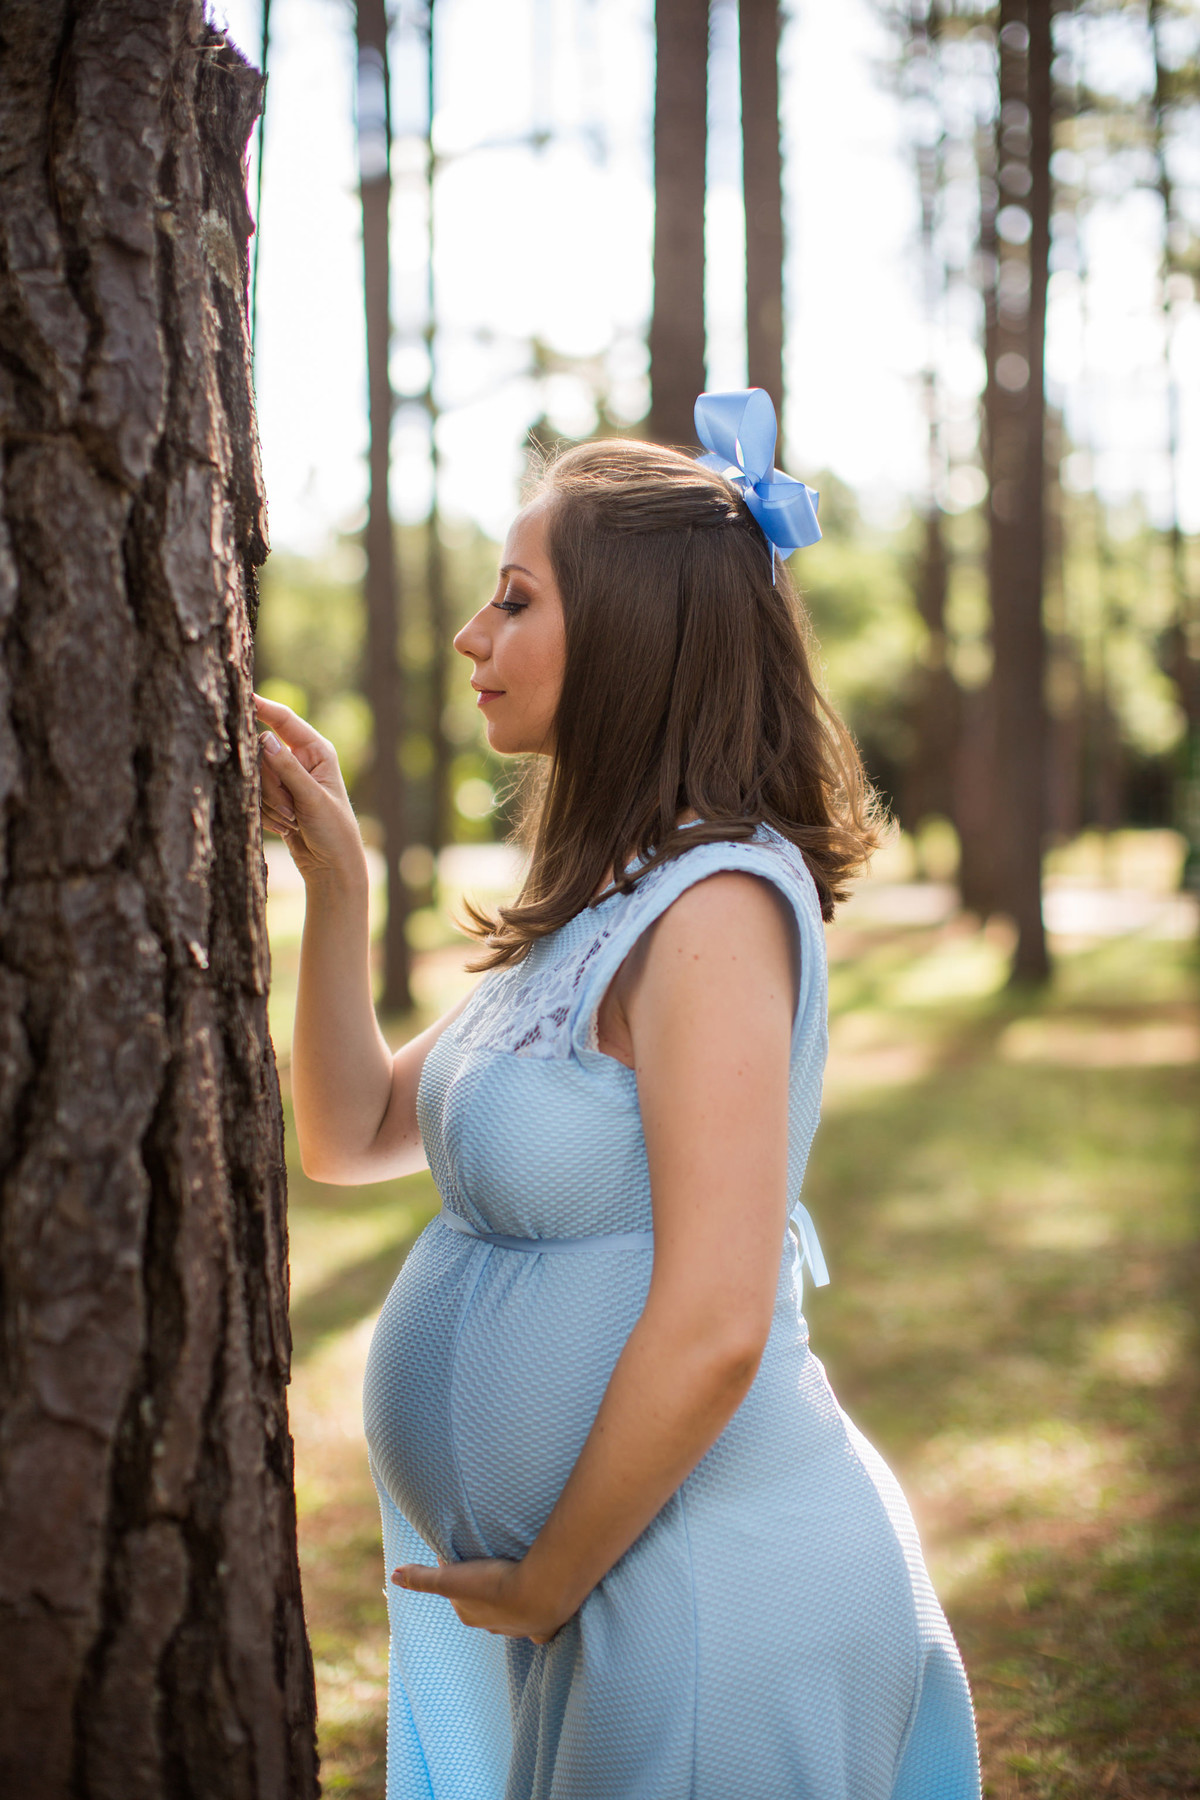 Ensaio de grávida na temática mundo Terra do Nunca feito pelo fotógrafo Rafael Ohana em Brasiilia-DF Wendy cutucando arvore